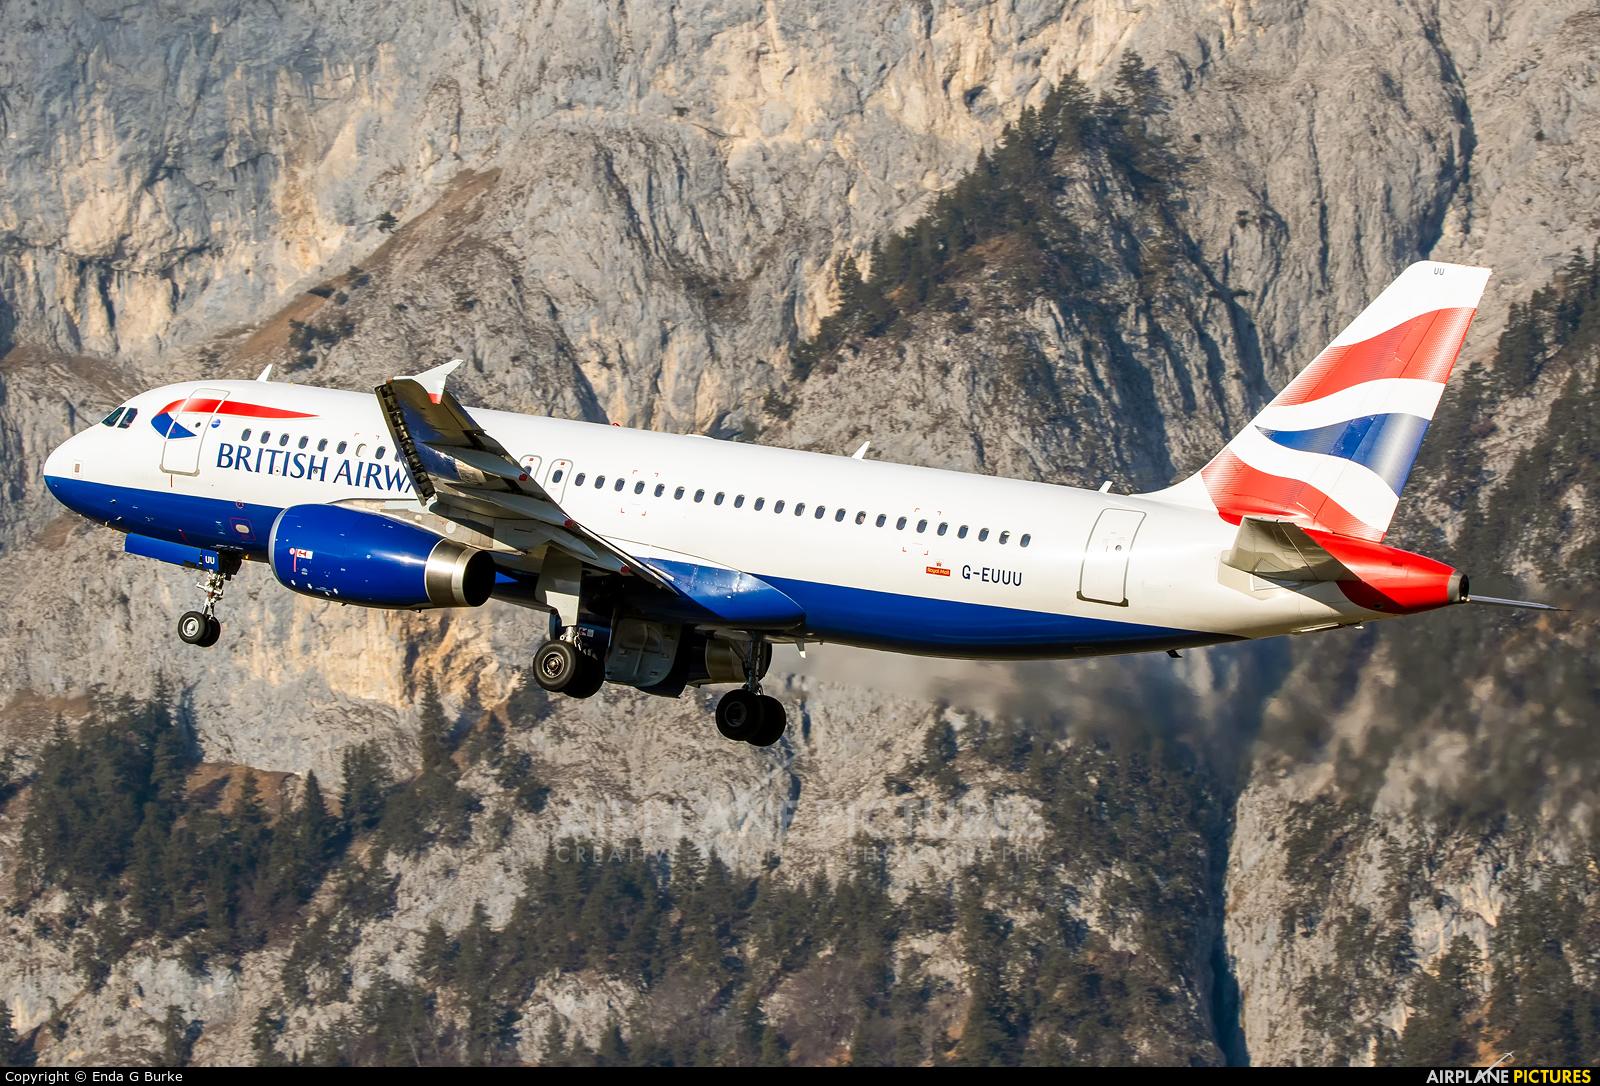 British Airways G-EUUU aircraft at Innsbruck